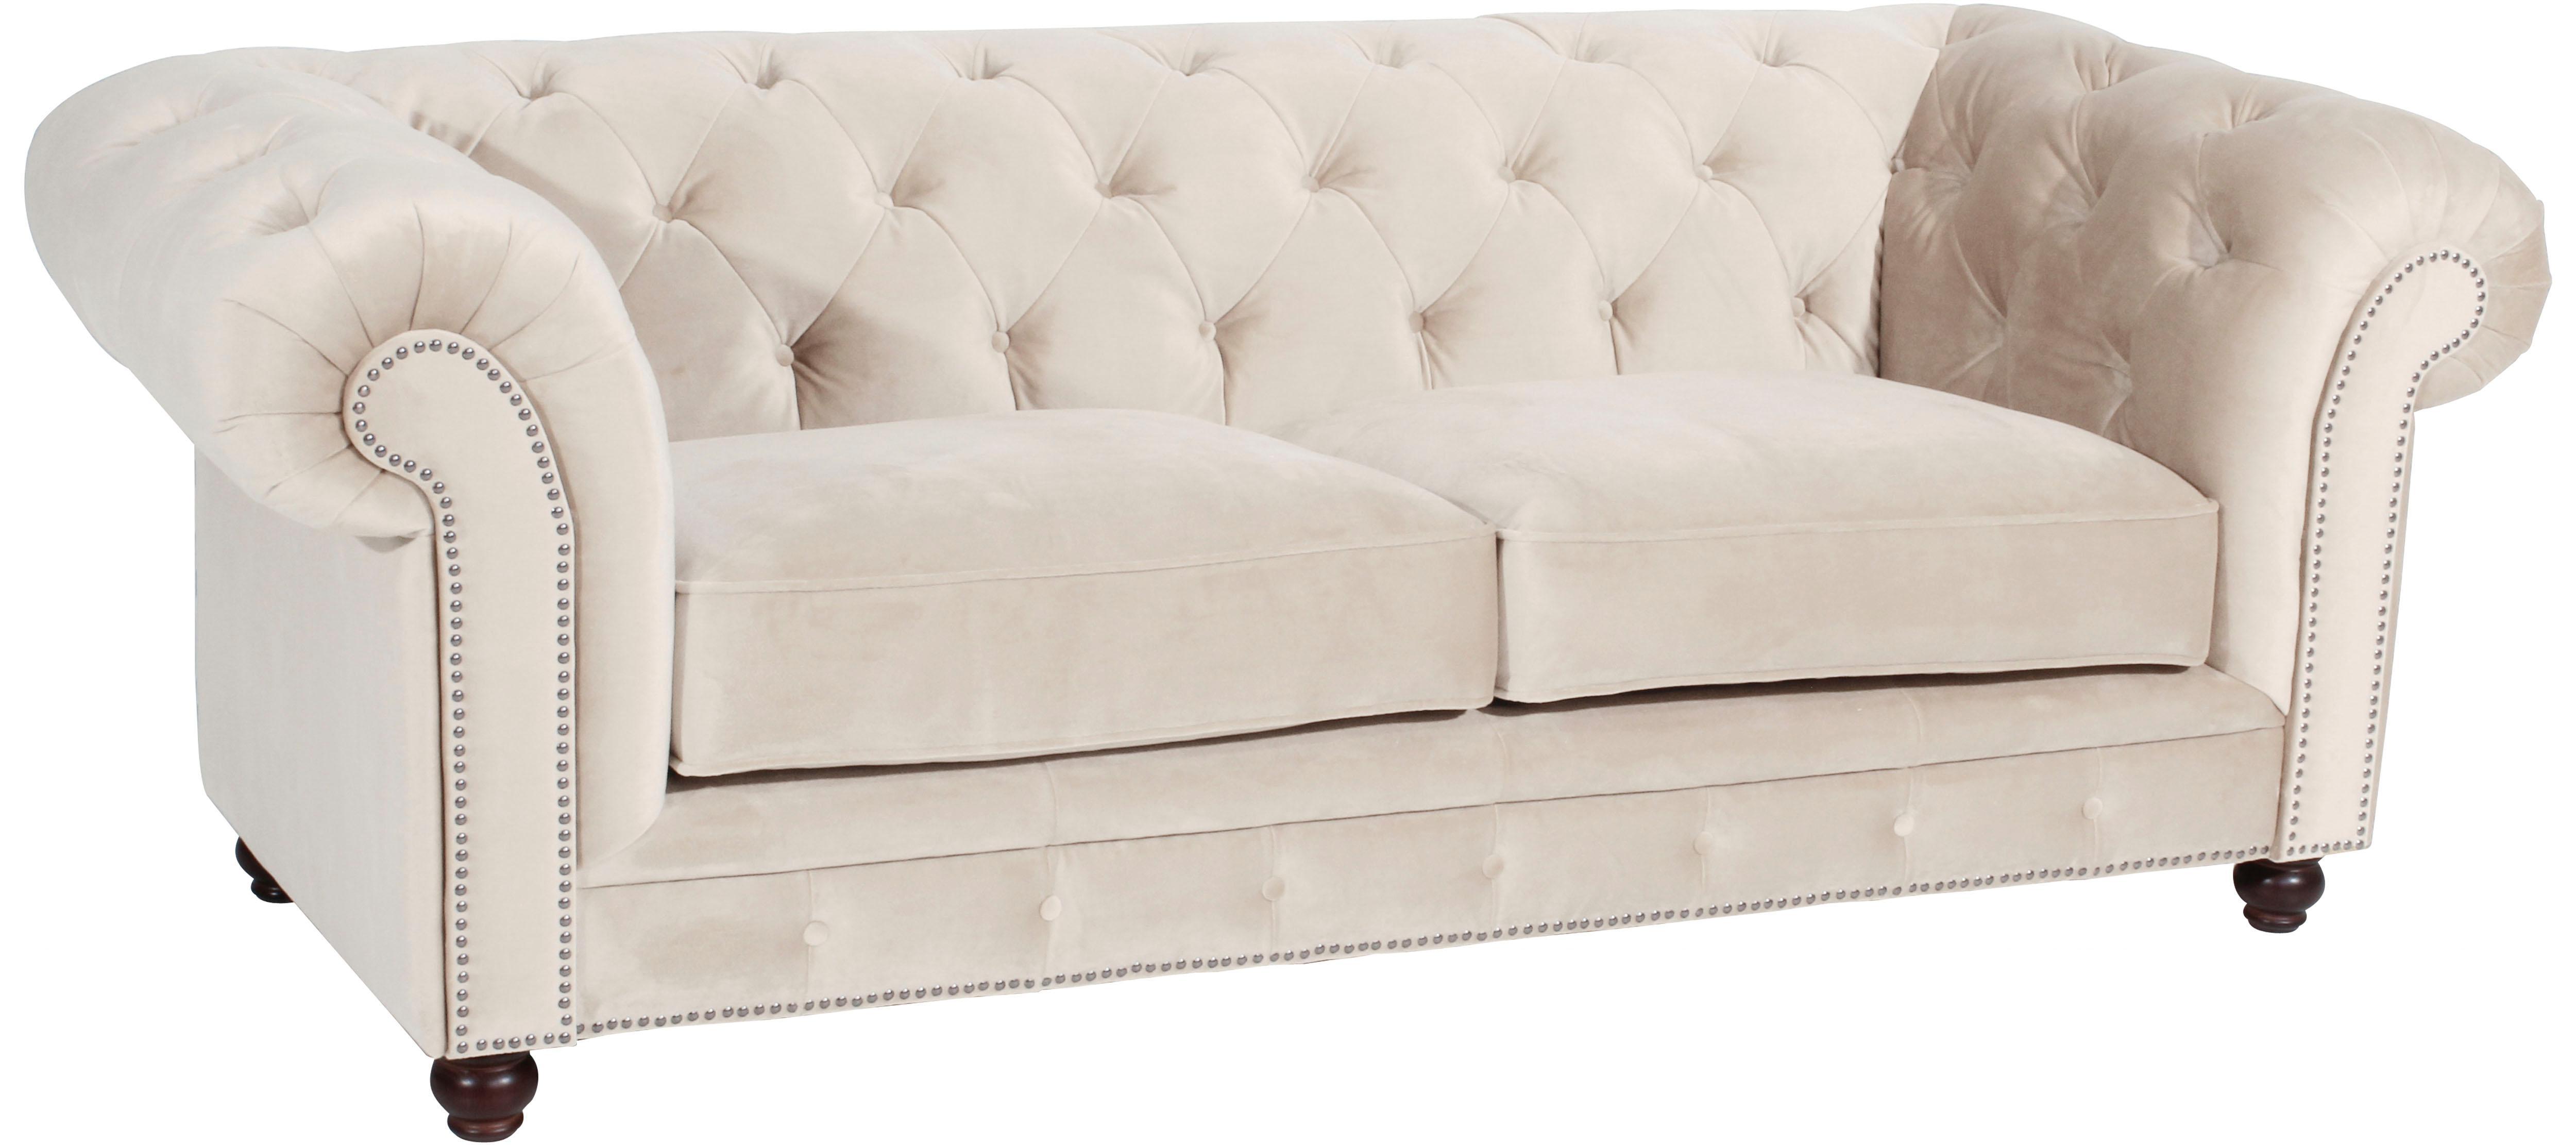 Max Winzer® Chesterfield 2,5-Sitzer Sofa »Old England« im Retrolook, Breite 218 cm